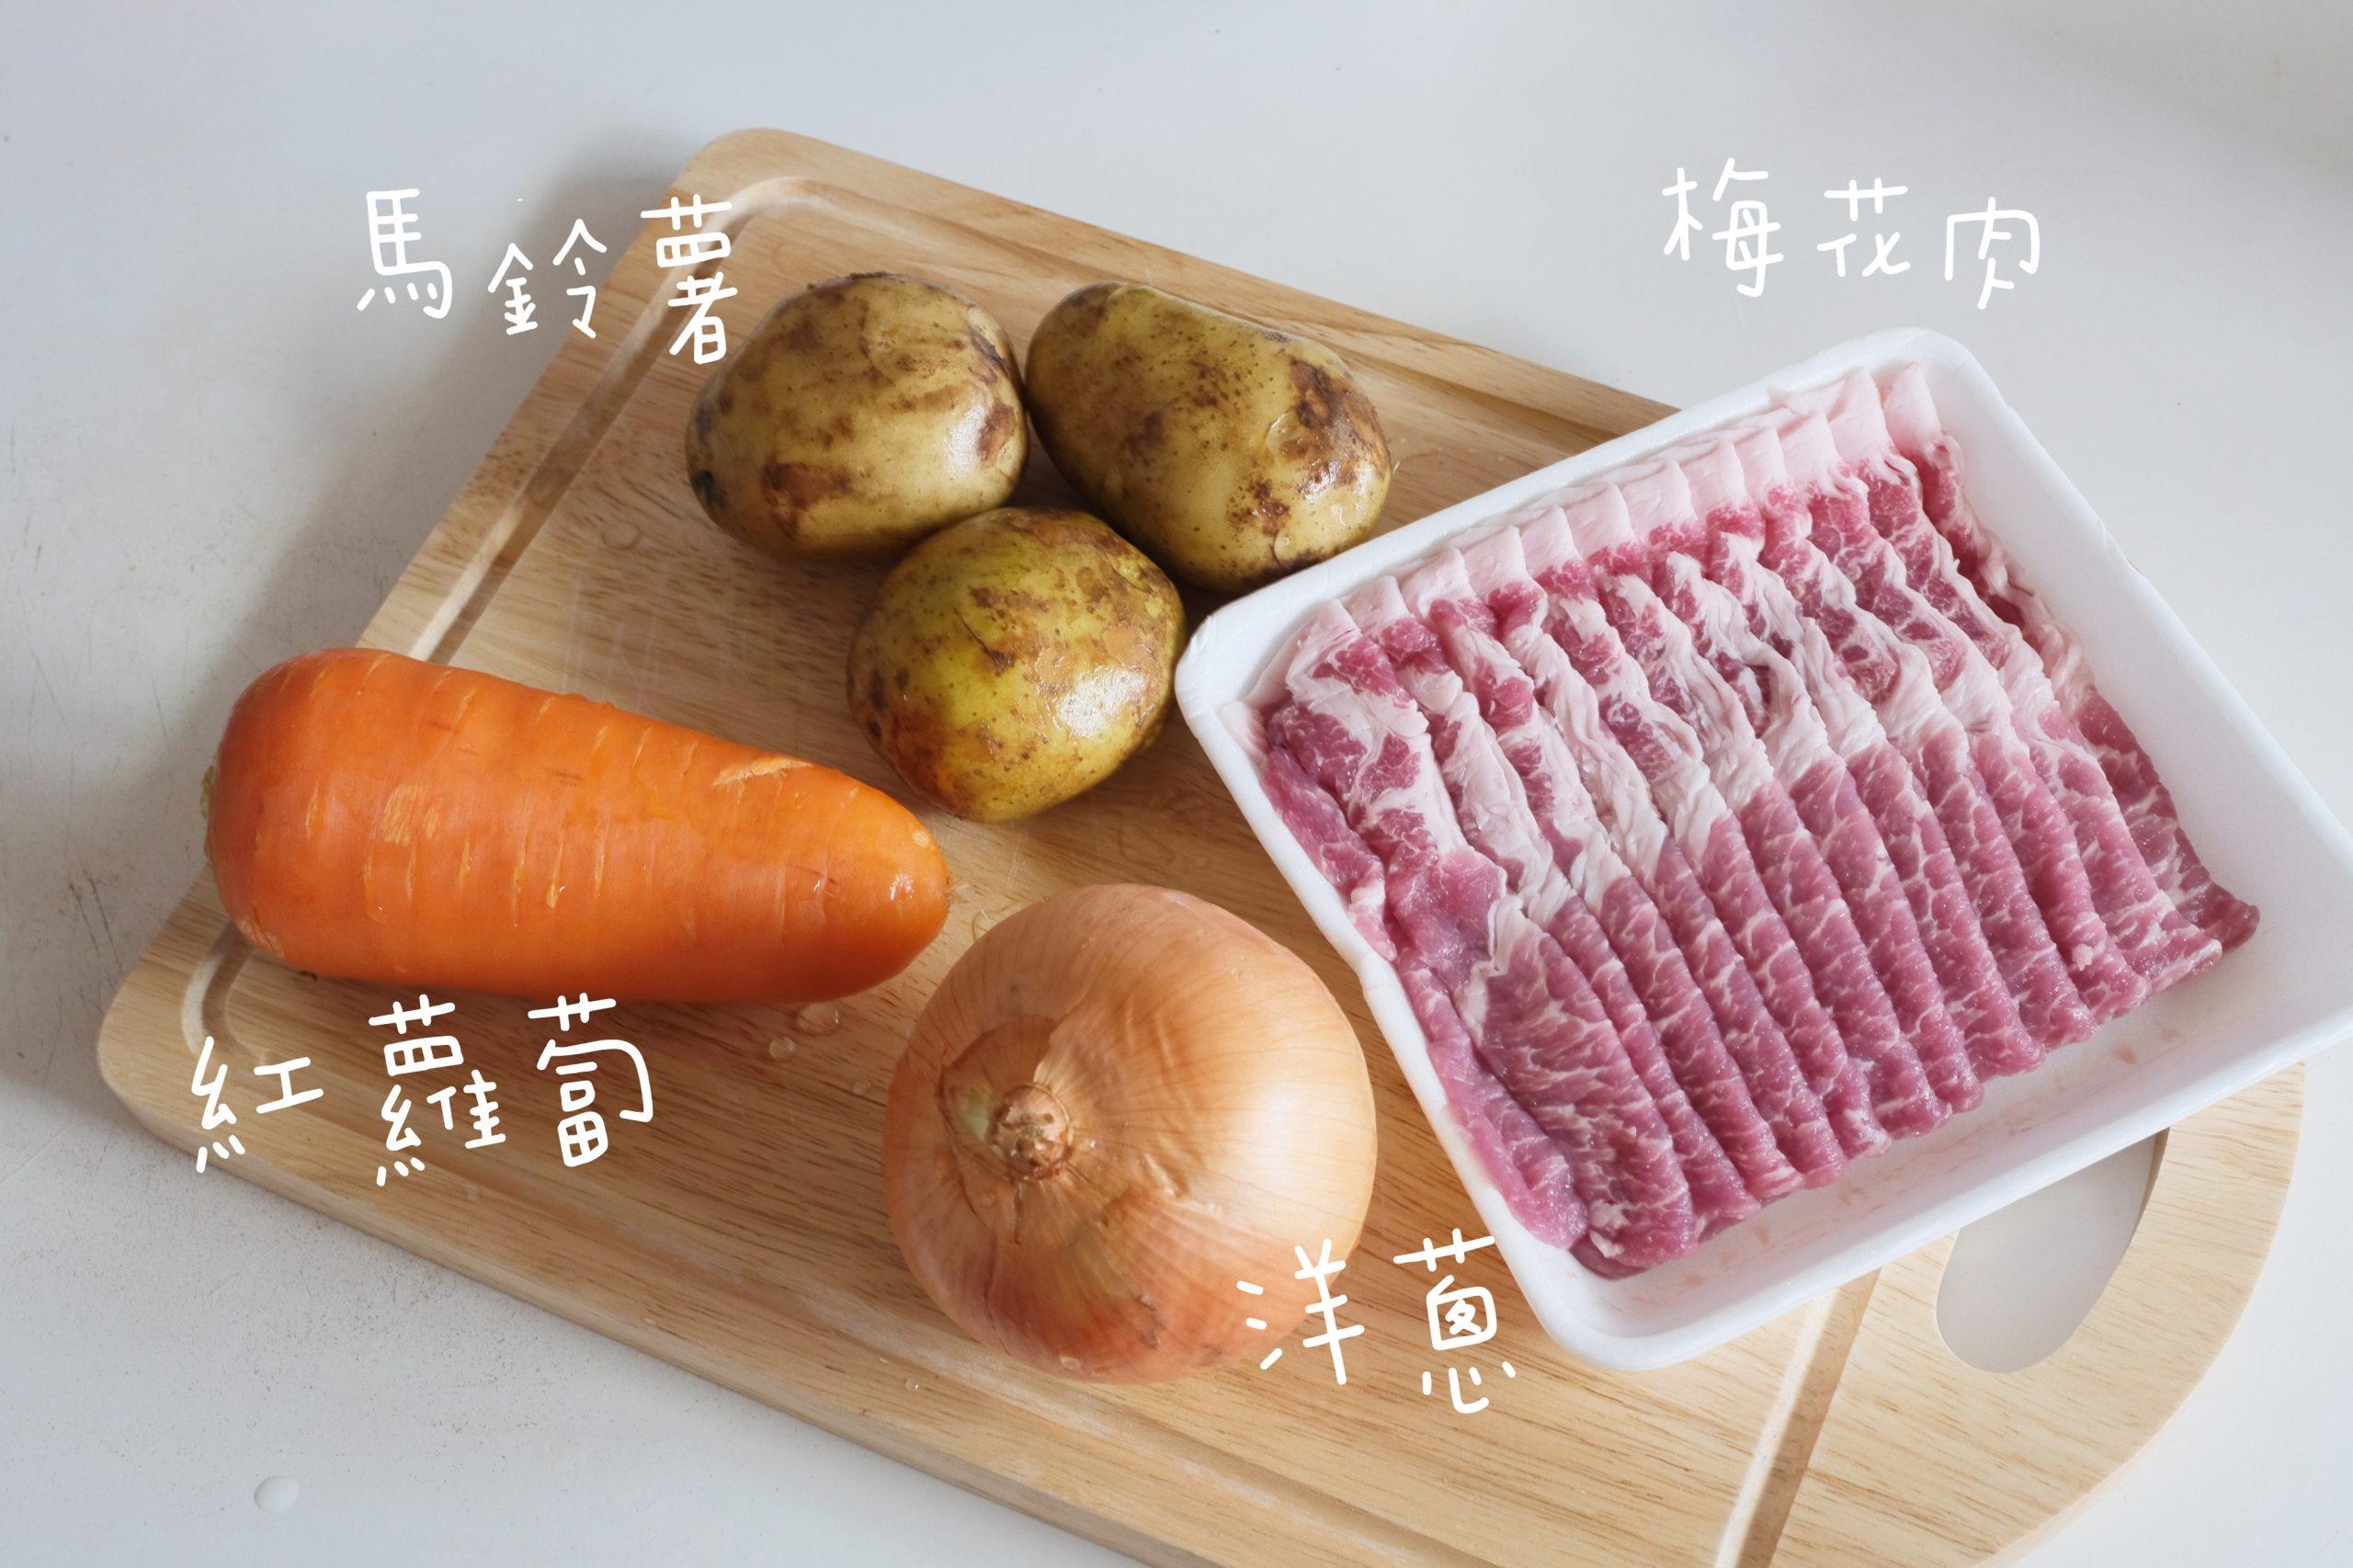 馬鈴薯燉肉食譜:最簡單快速的作法,零失敗的家庭料理 @飛天璇的口袋